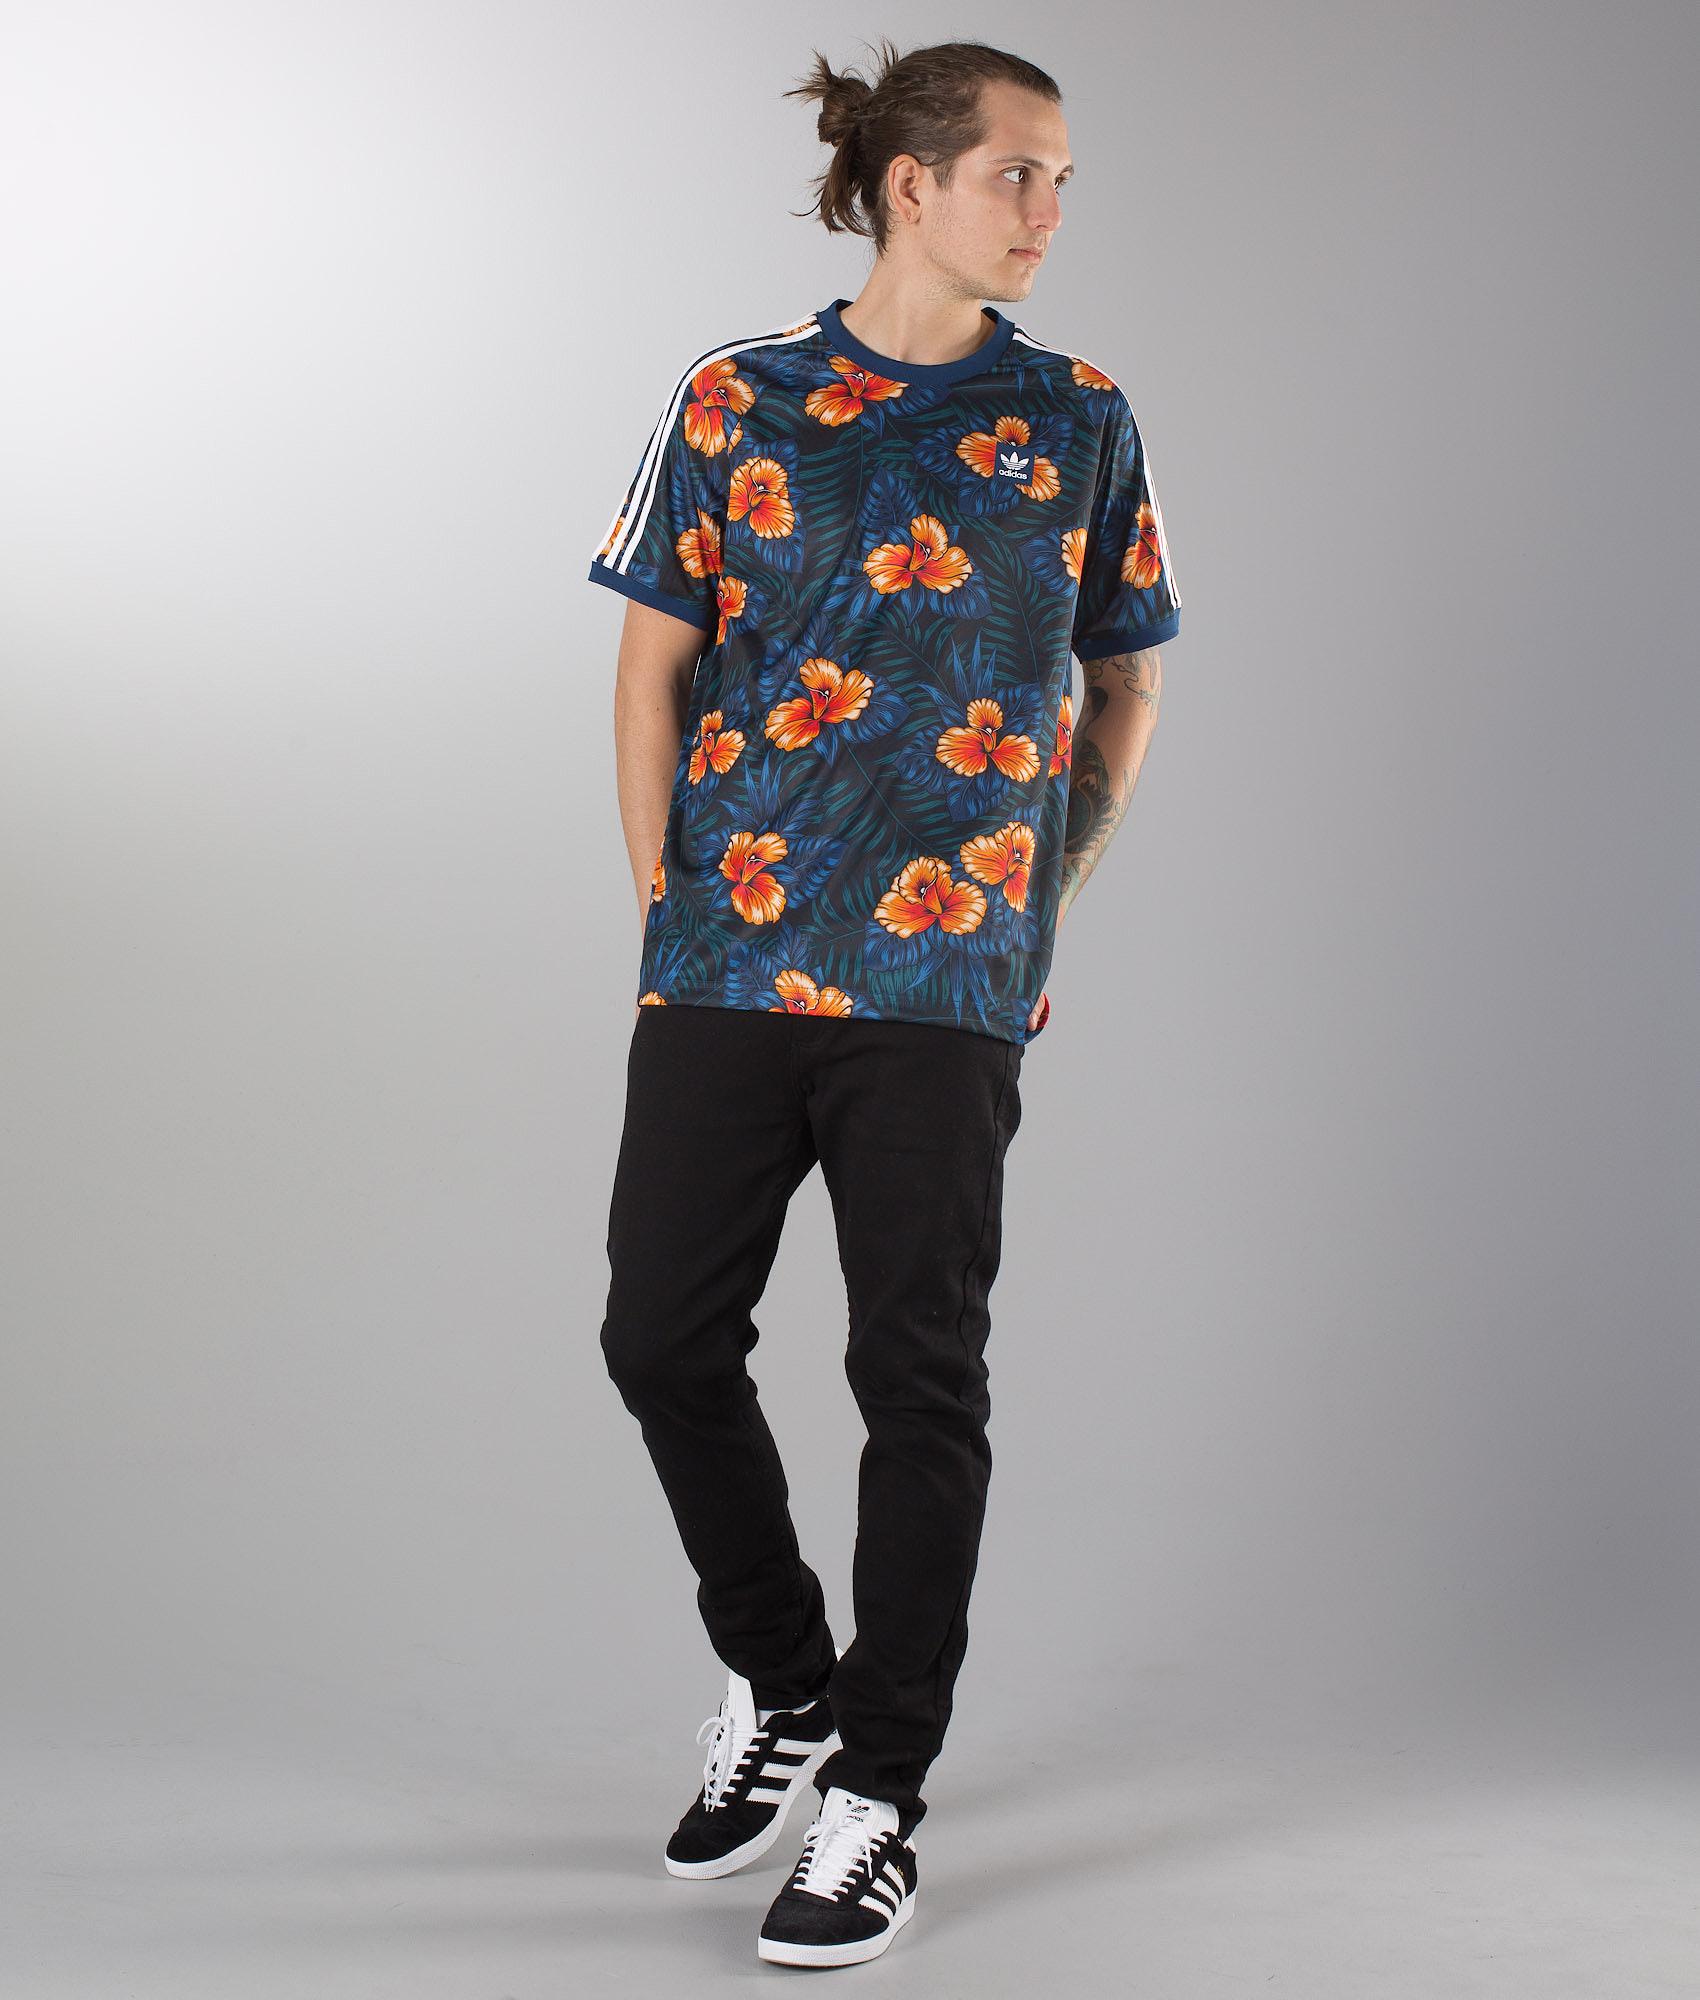 e9a8d4428 Adidas Skateboarding Floral T-shirt Multco - Ridestore.com